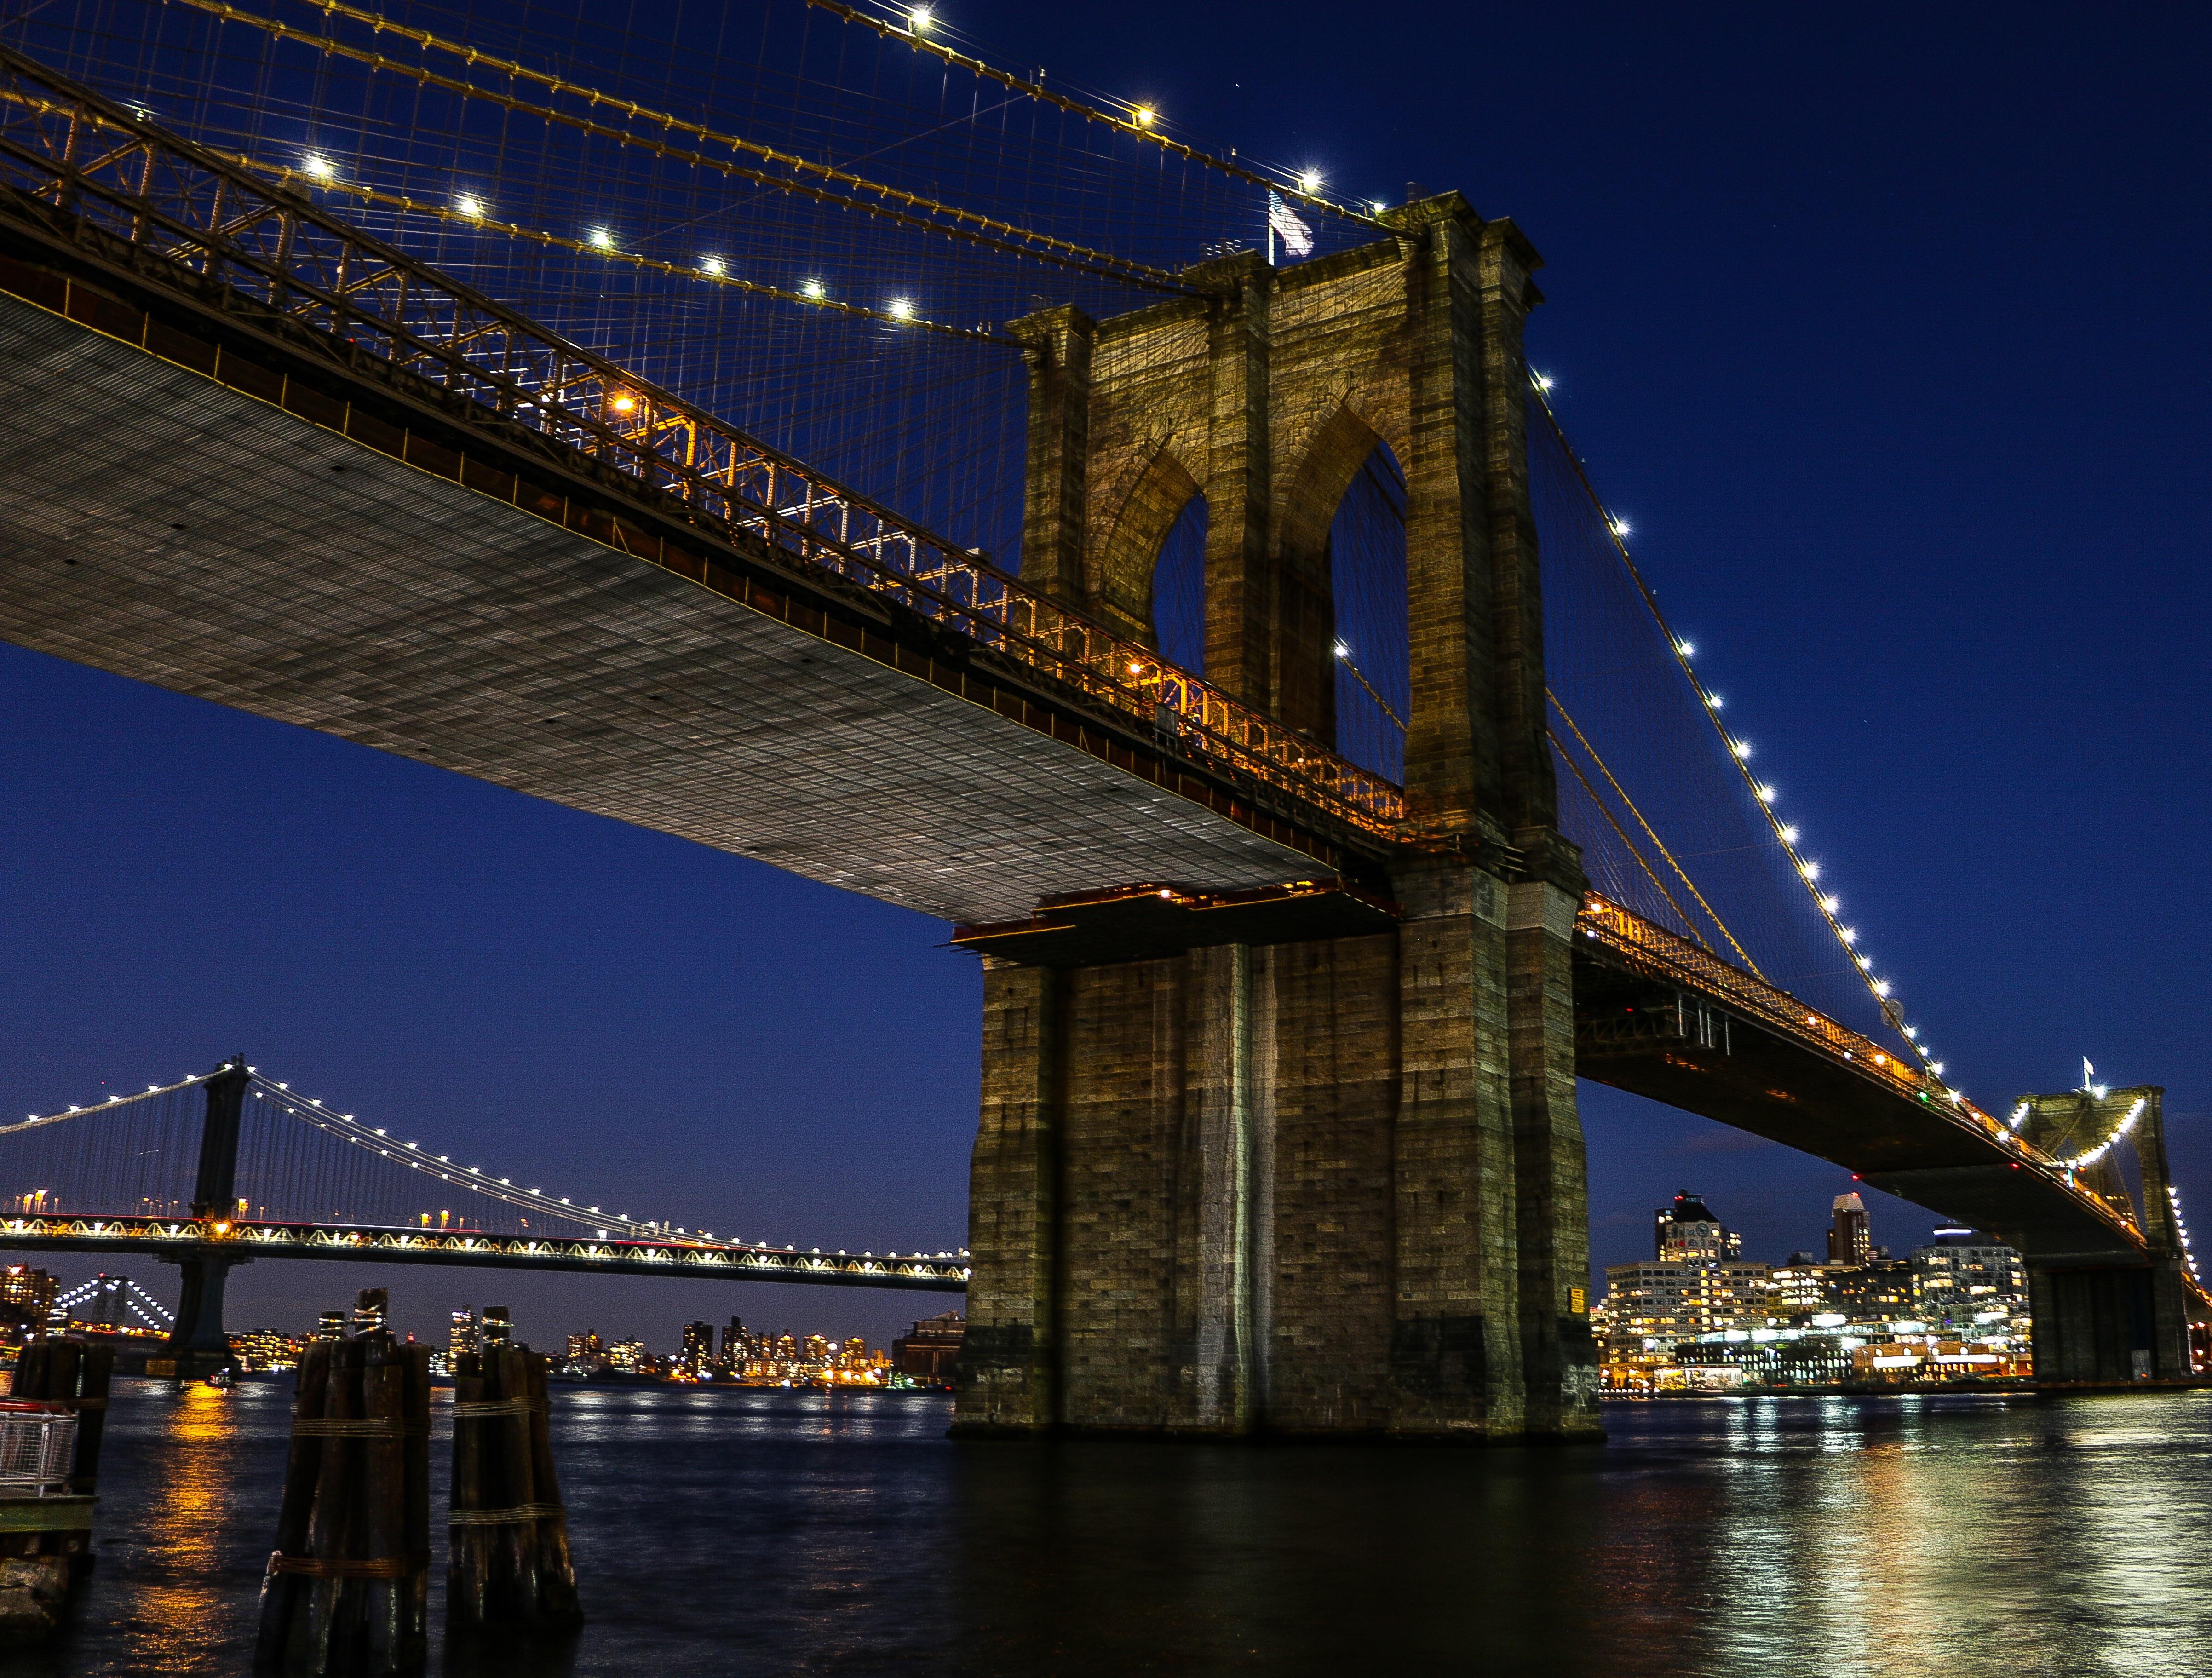 Вантовый мост город ночь бесплатно